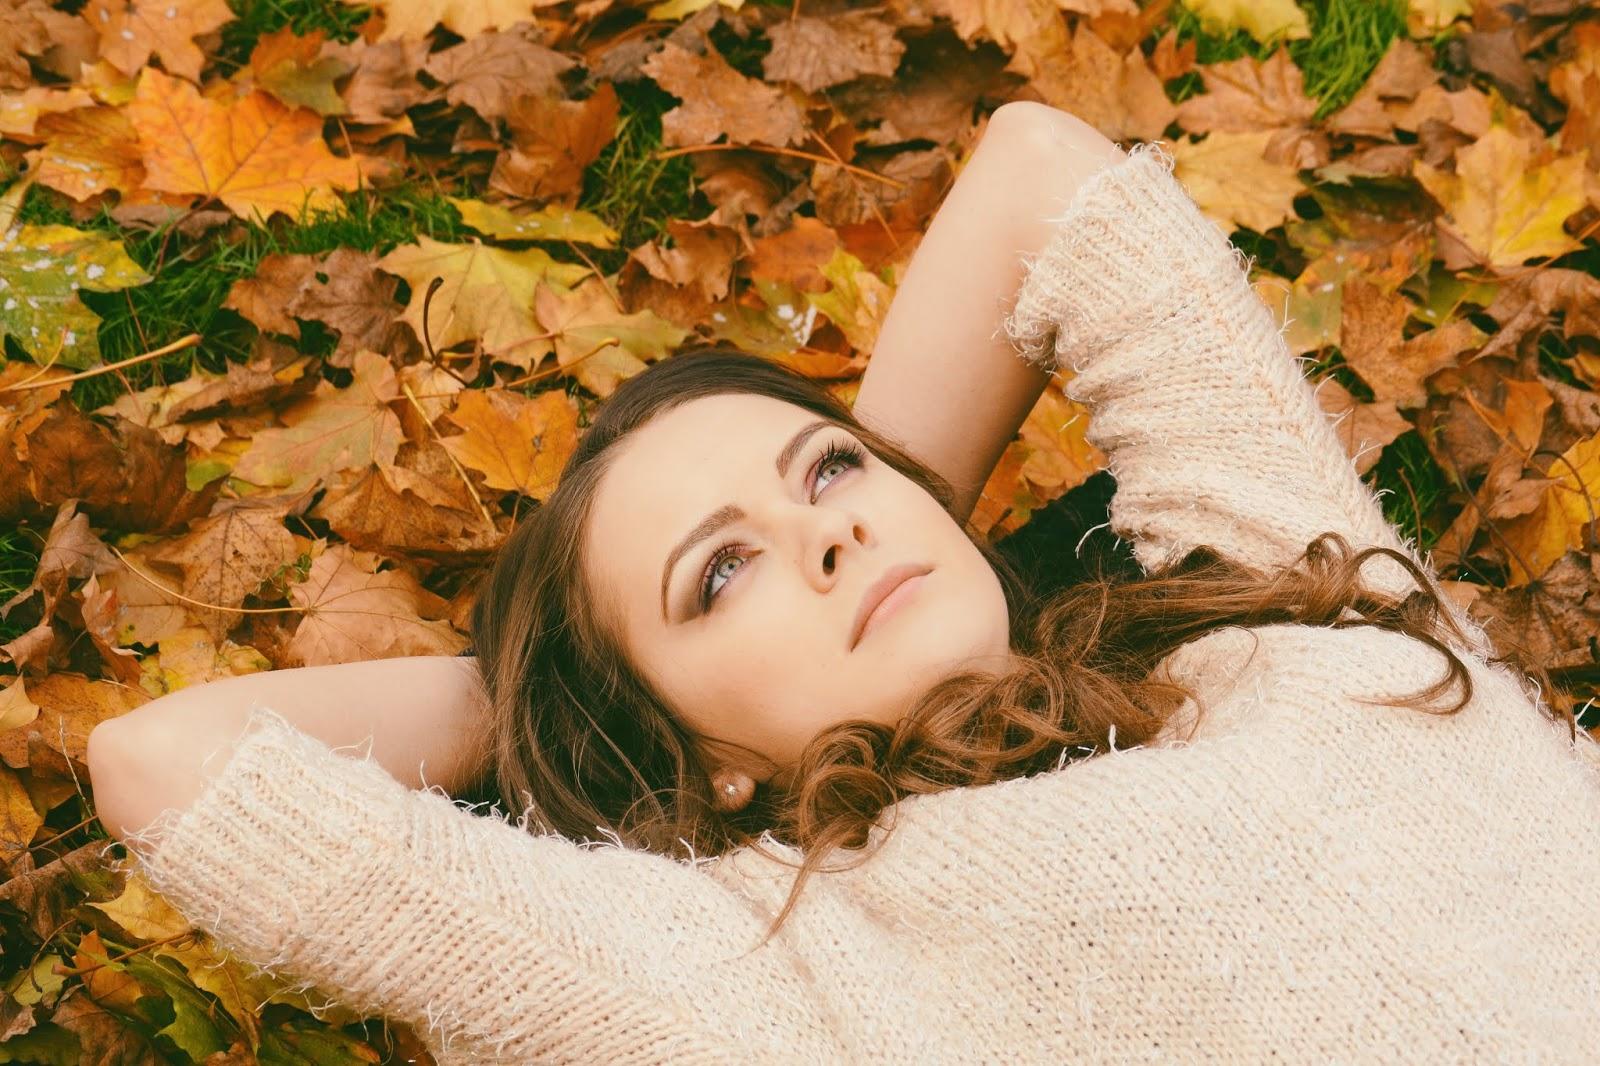 raisons apprécier automne